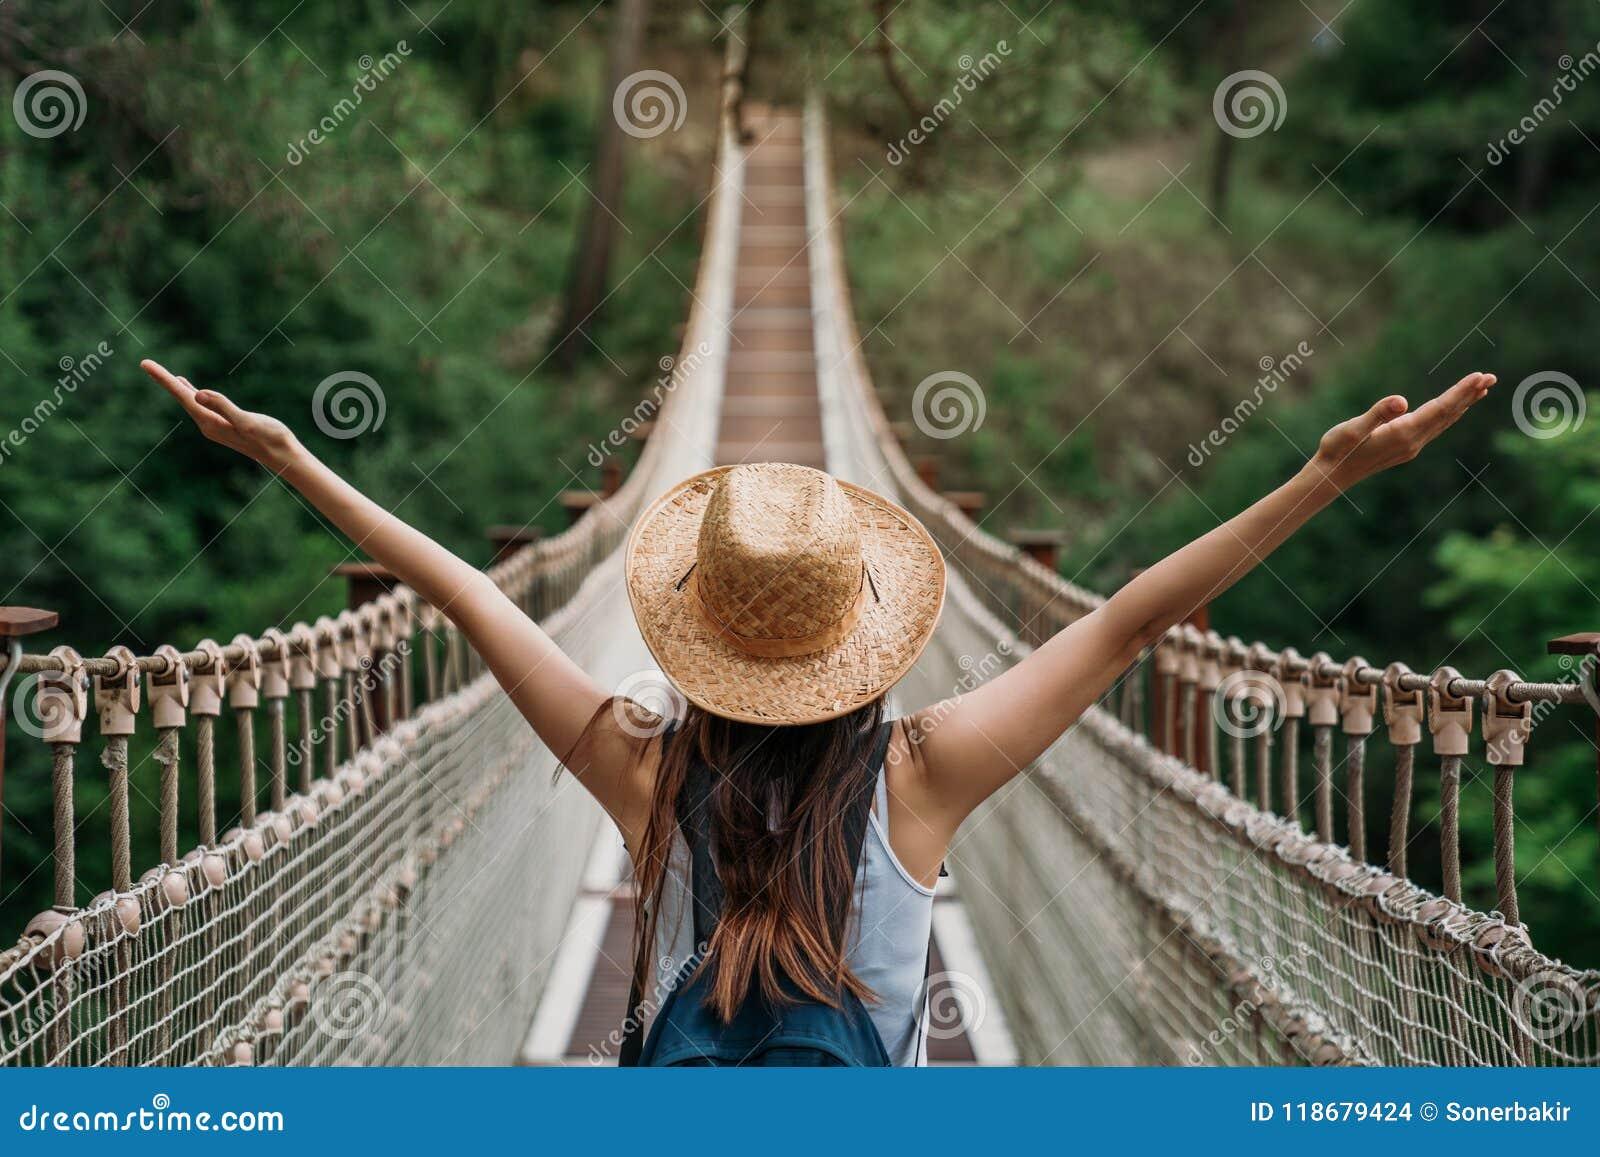 Ευτυχής γυναίκα ταξιδιού στην έννοια διακοπών Ο αστείος ταξιδιώτης απολαμβάνει το ταξίδι της και έτοιμος στην περιπέτεια